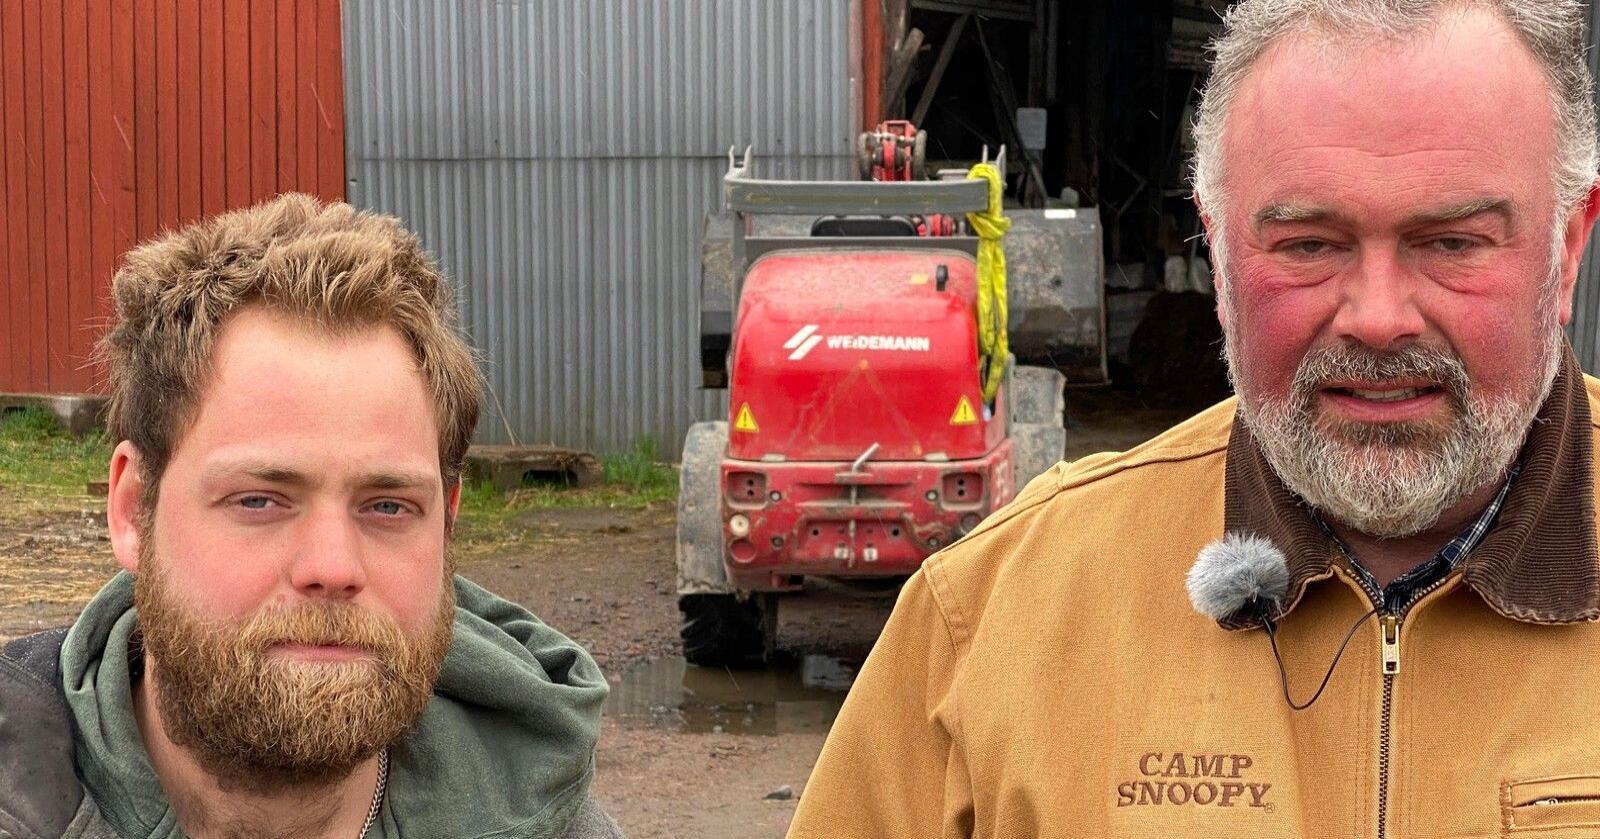 Filip Eliasson og Patrik Olsson er bønder i Sverige. Dei opplever at haldninga til arbeidet dei gjer har endra seg etter korona.